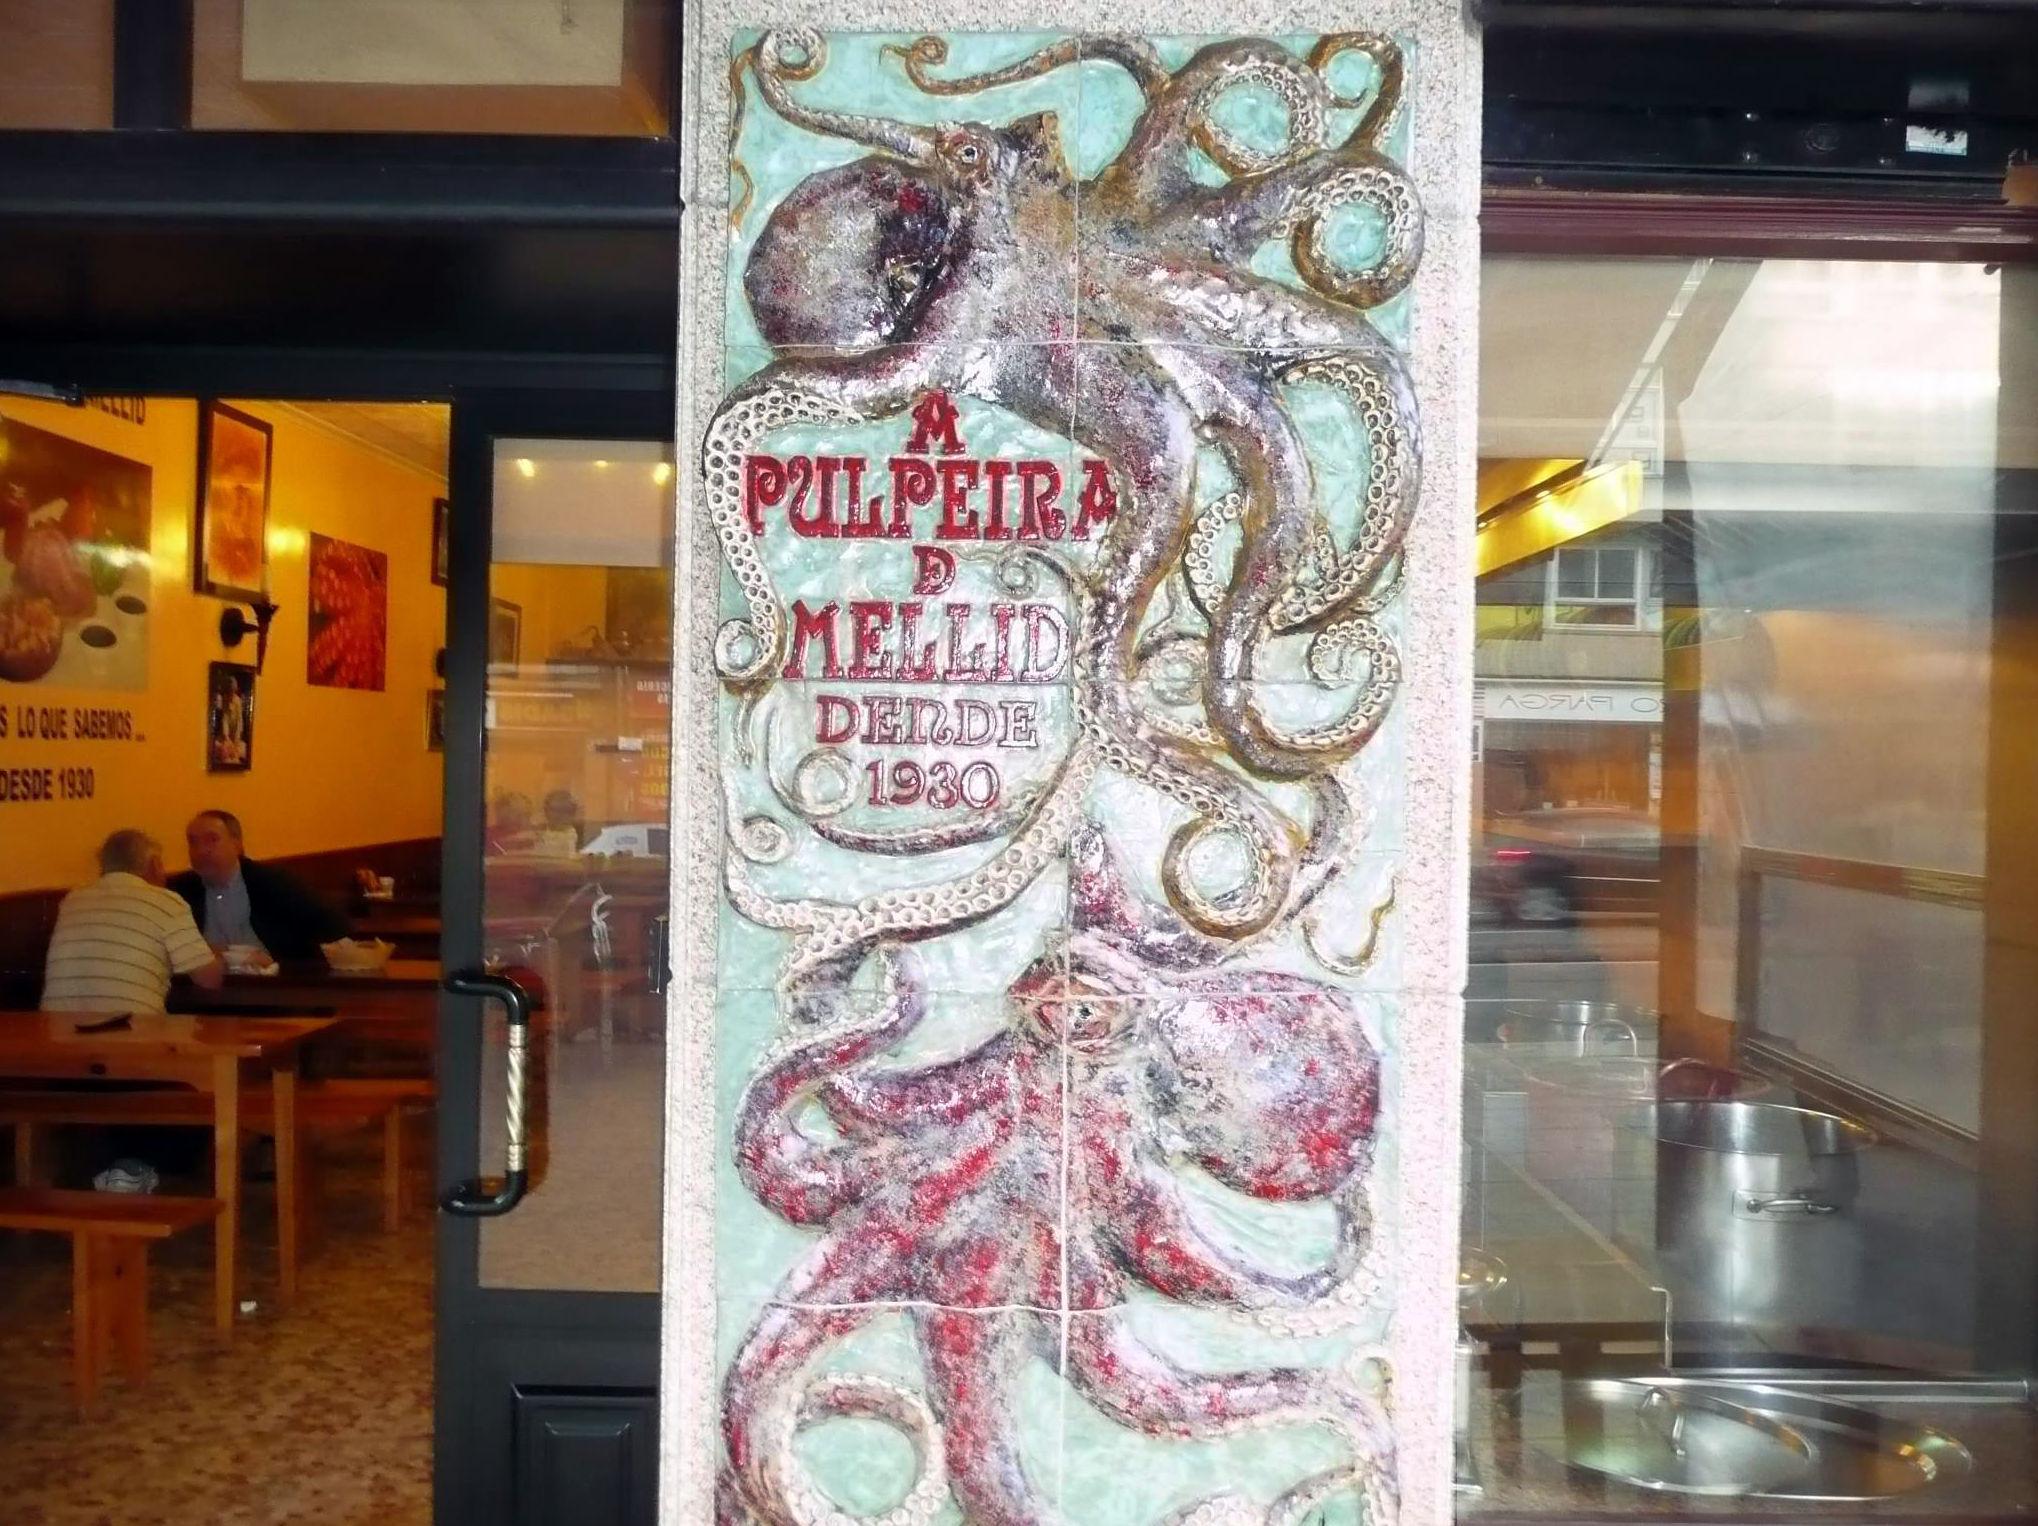 Restaurante recomendado para comer pulpo en A Coruña